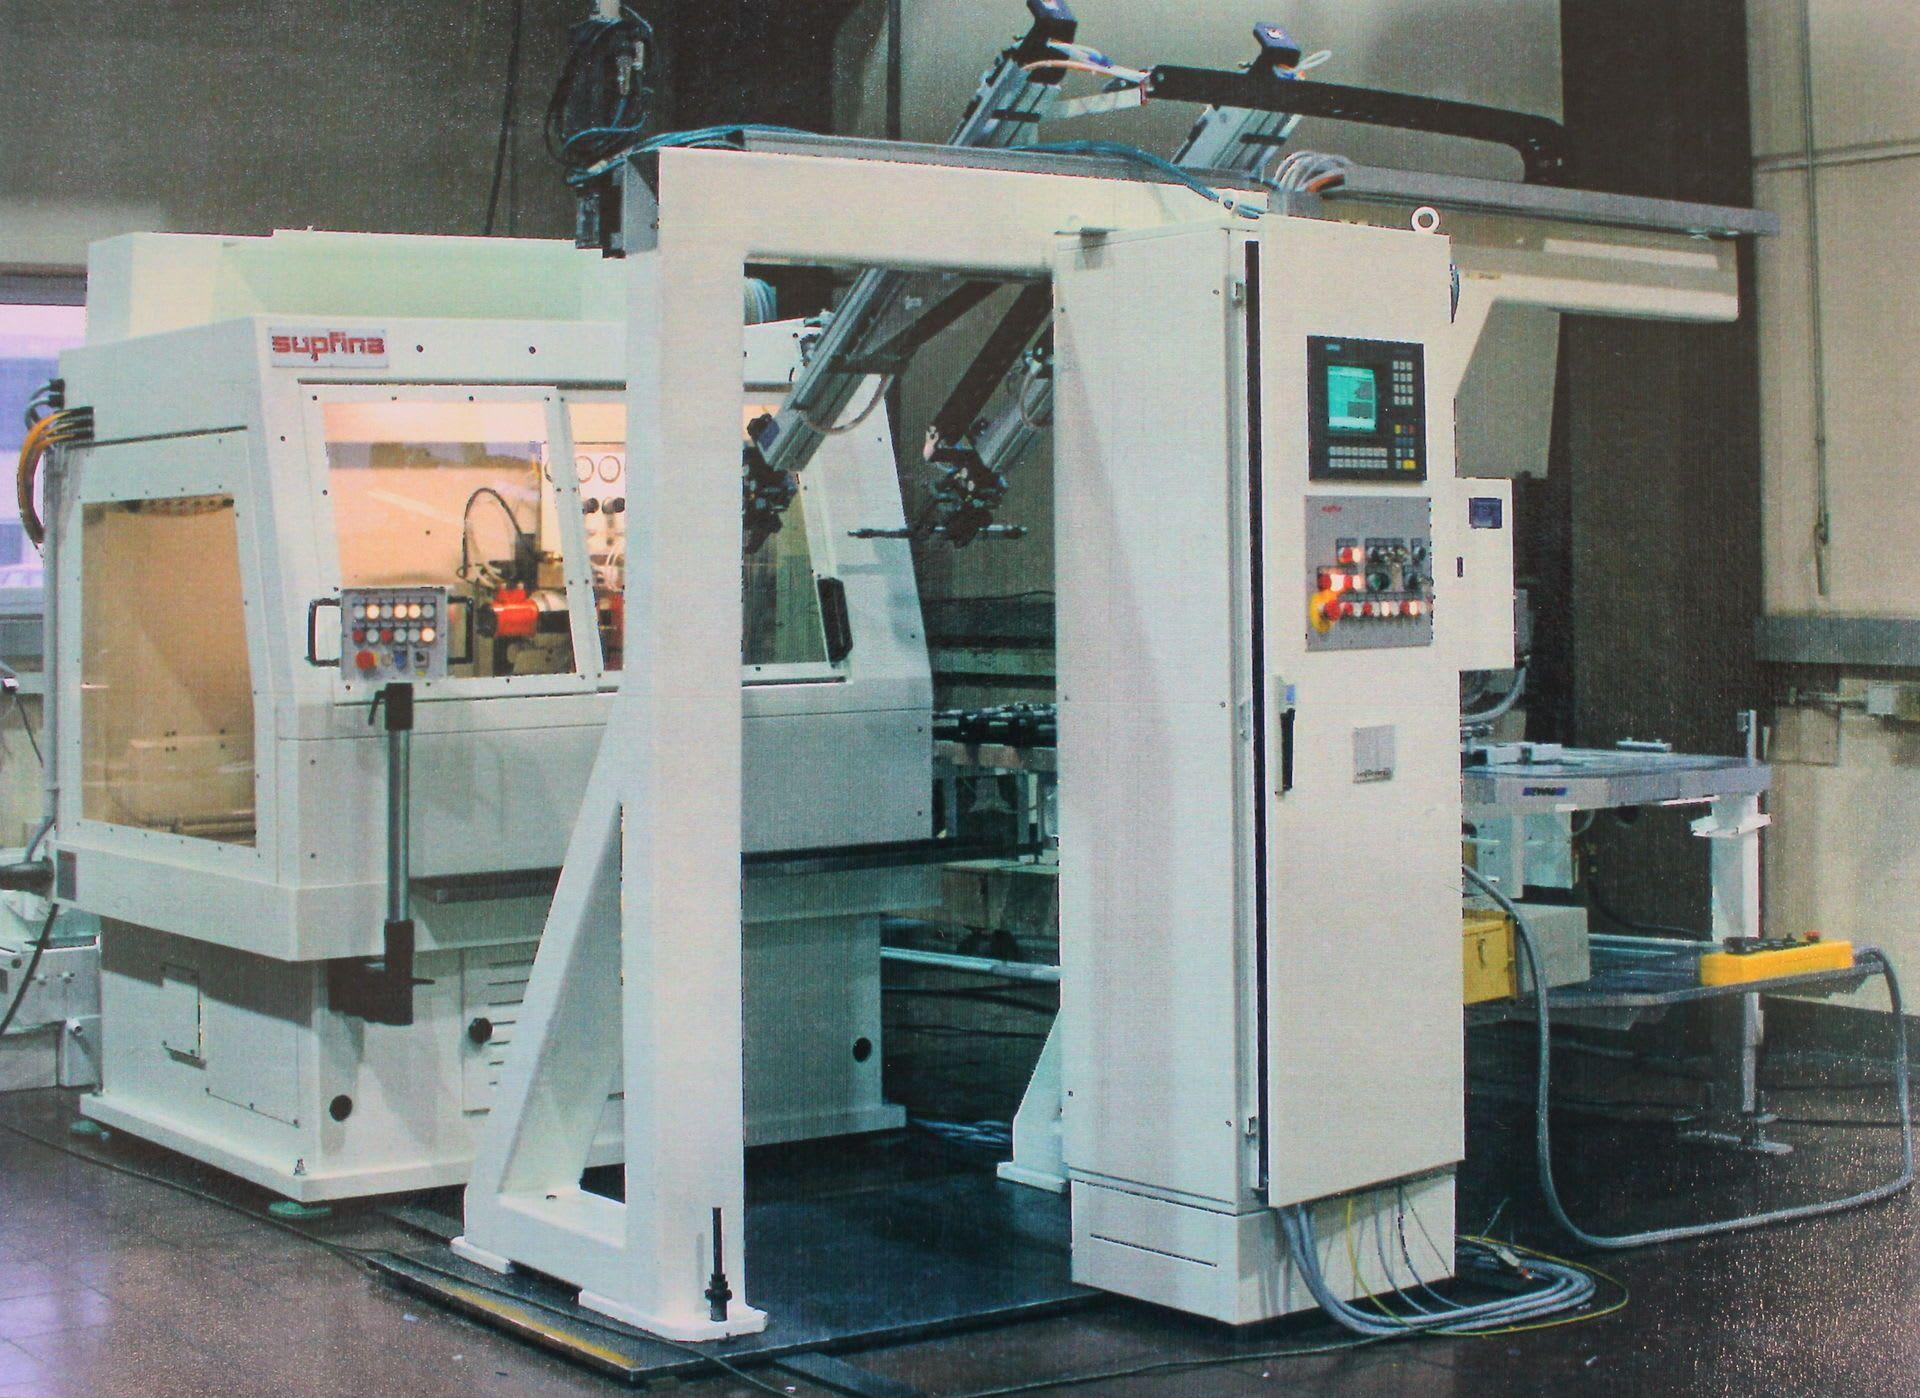 SUPFINA 455.8 Superfinishmaschine